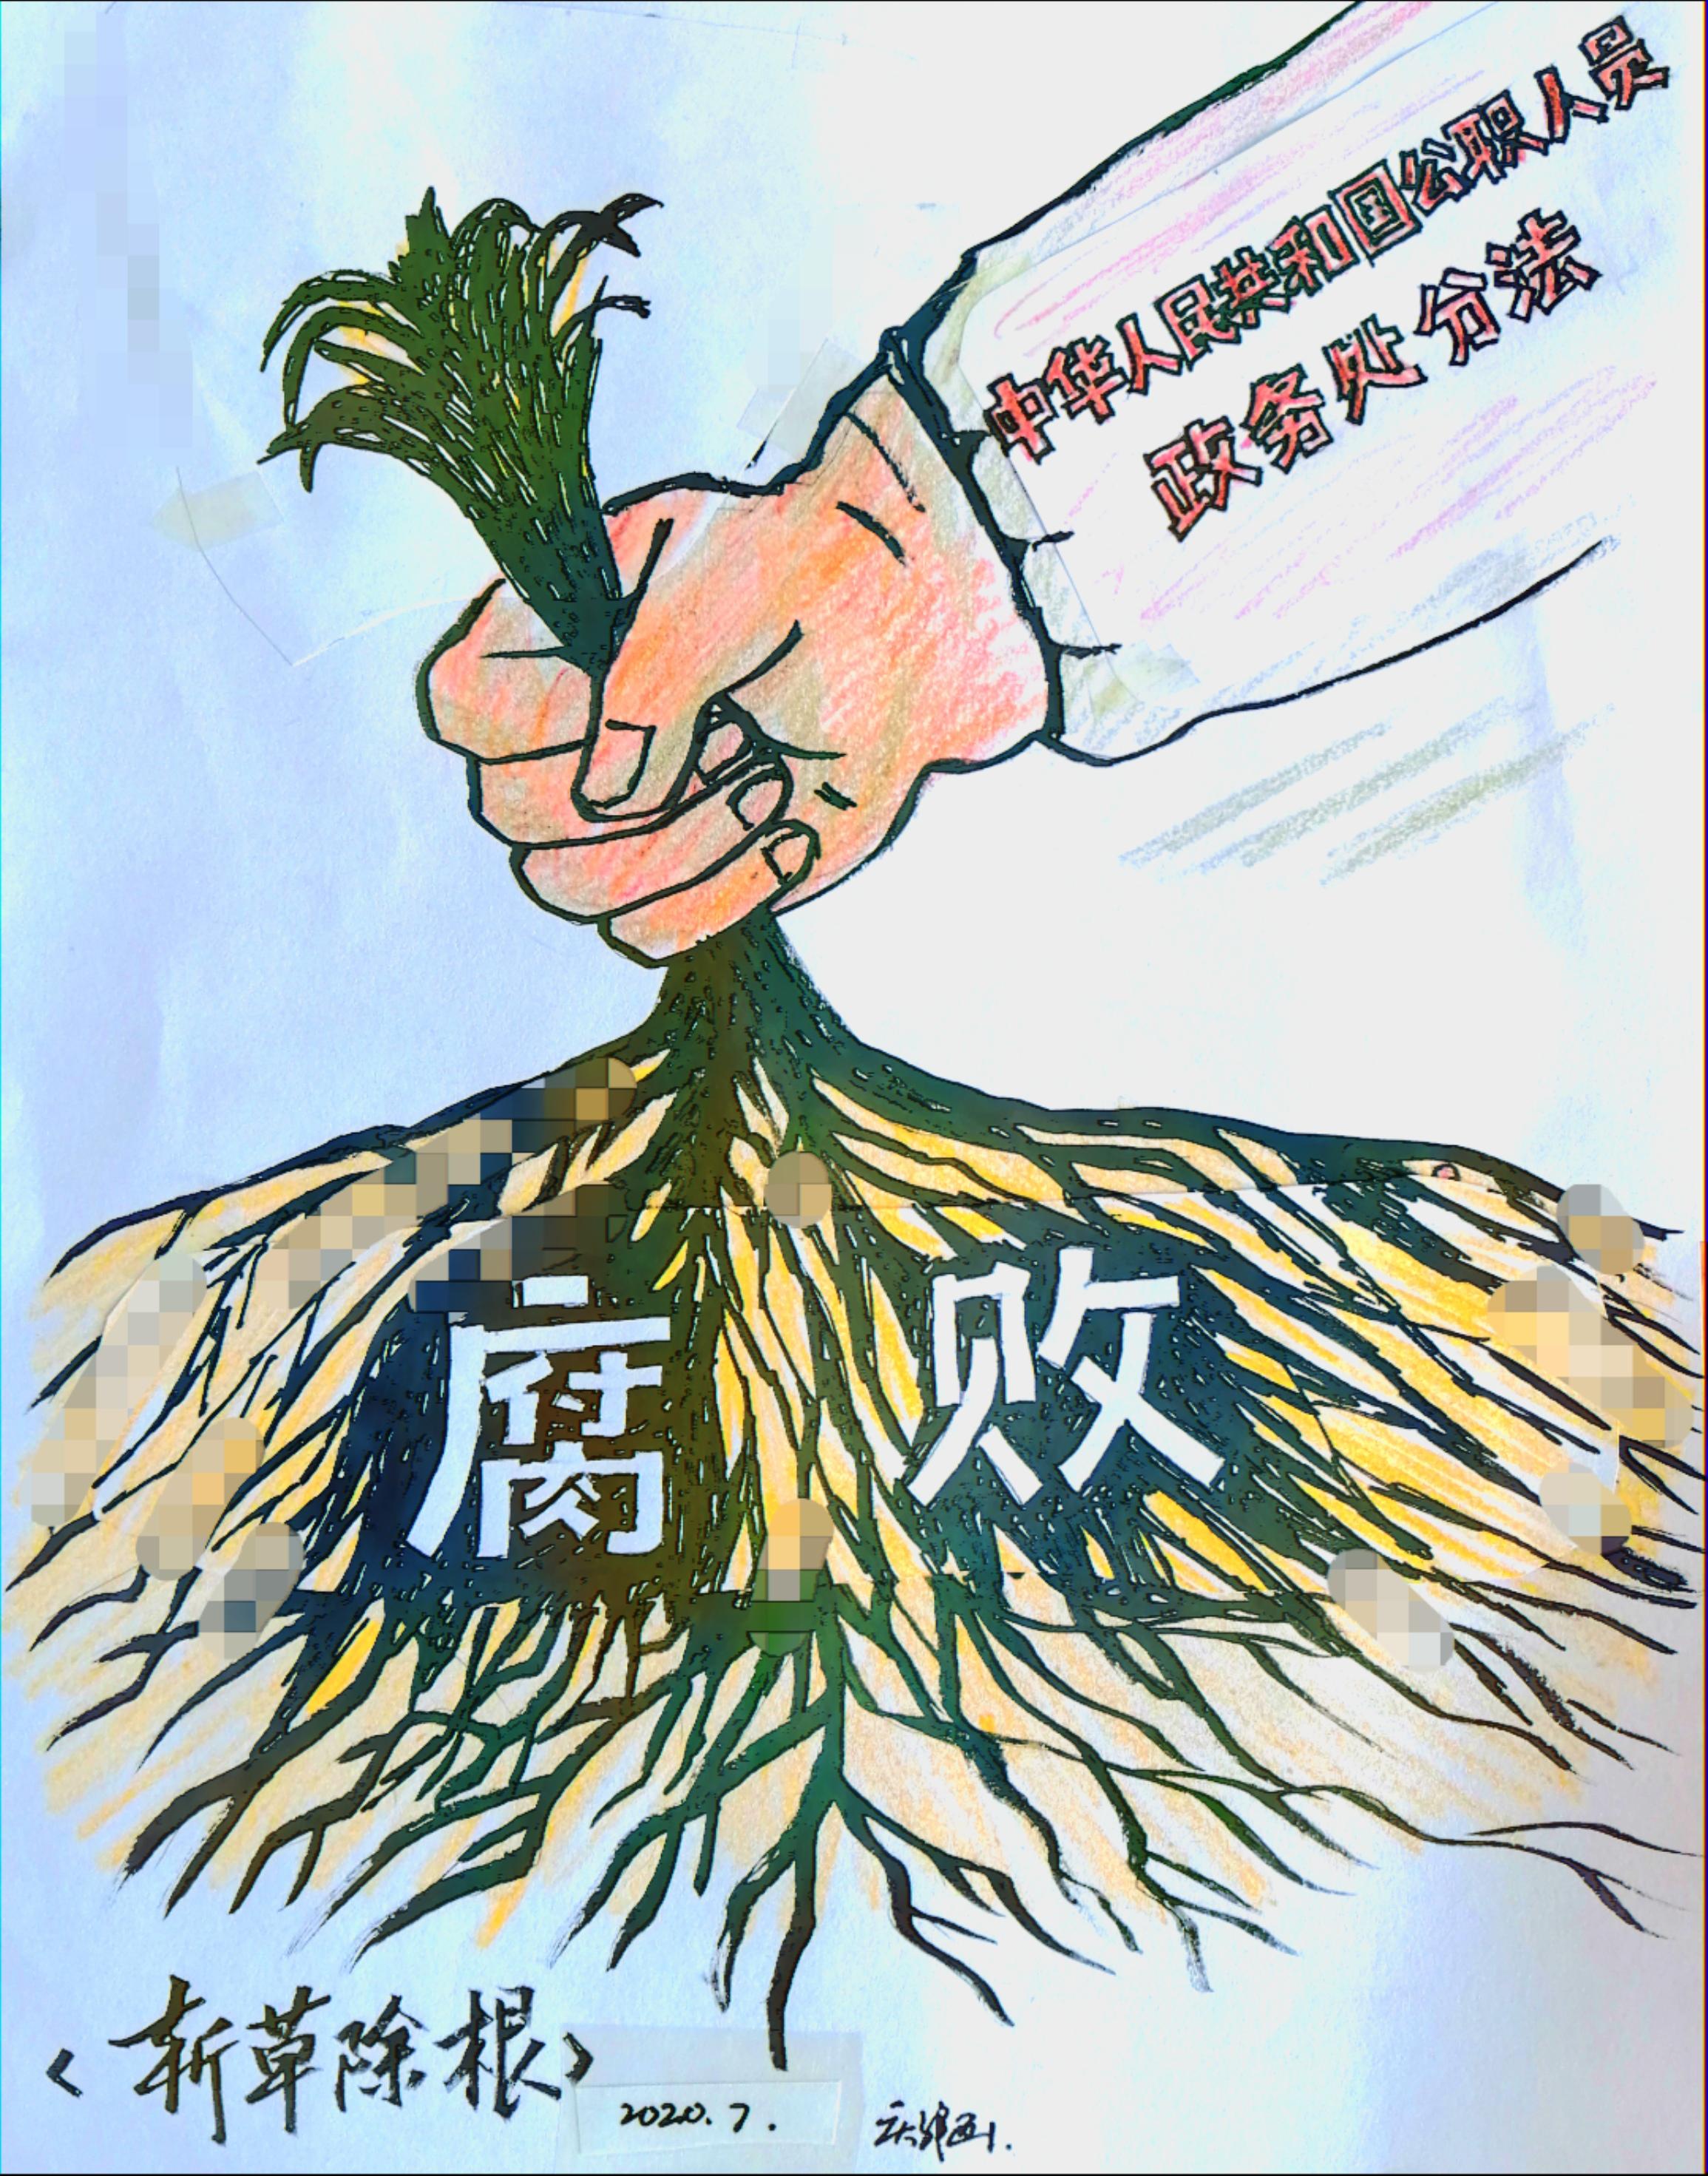 原创 |《中华人民共和国公职人员政务处分法》漫画海报作品欣赏①